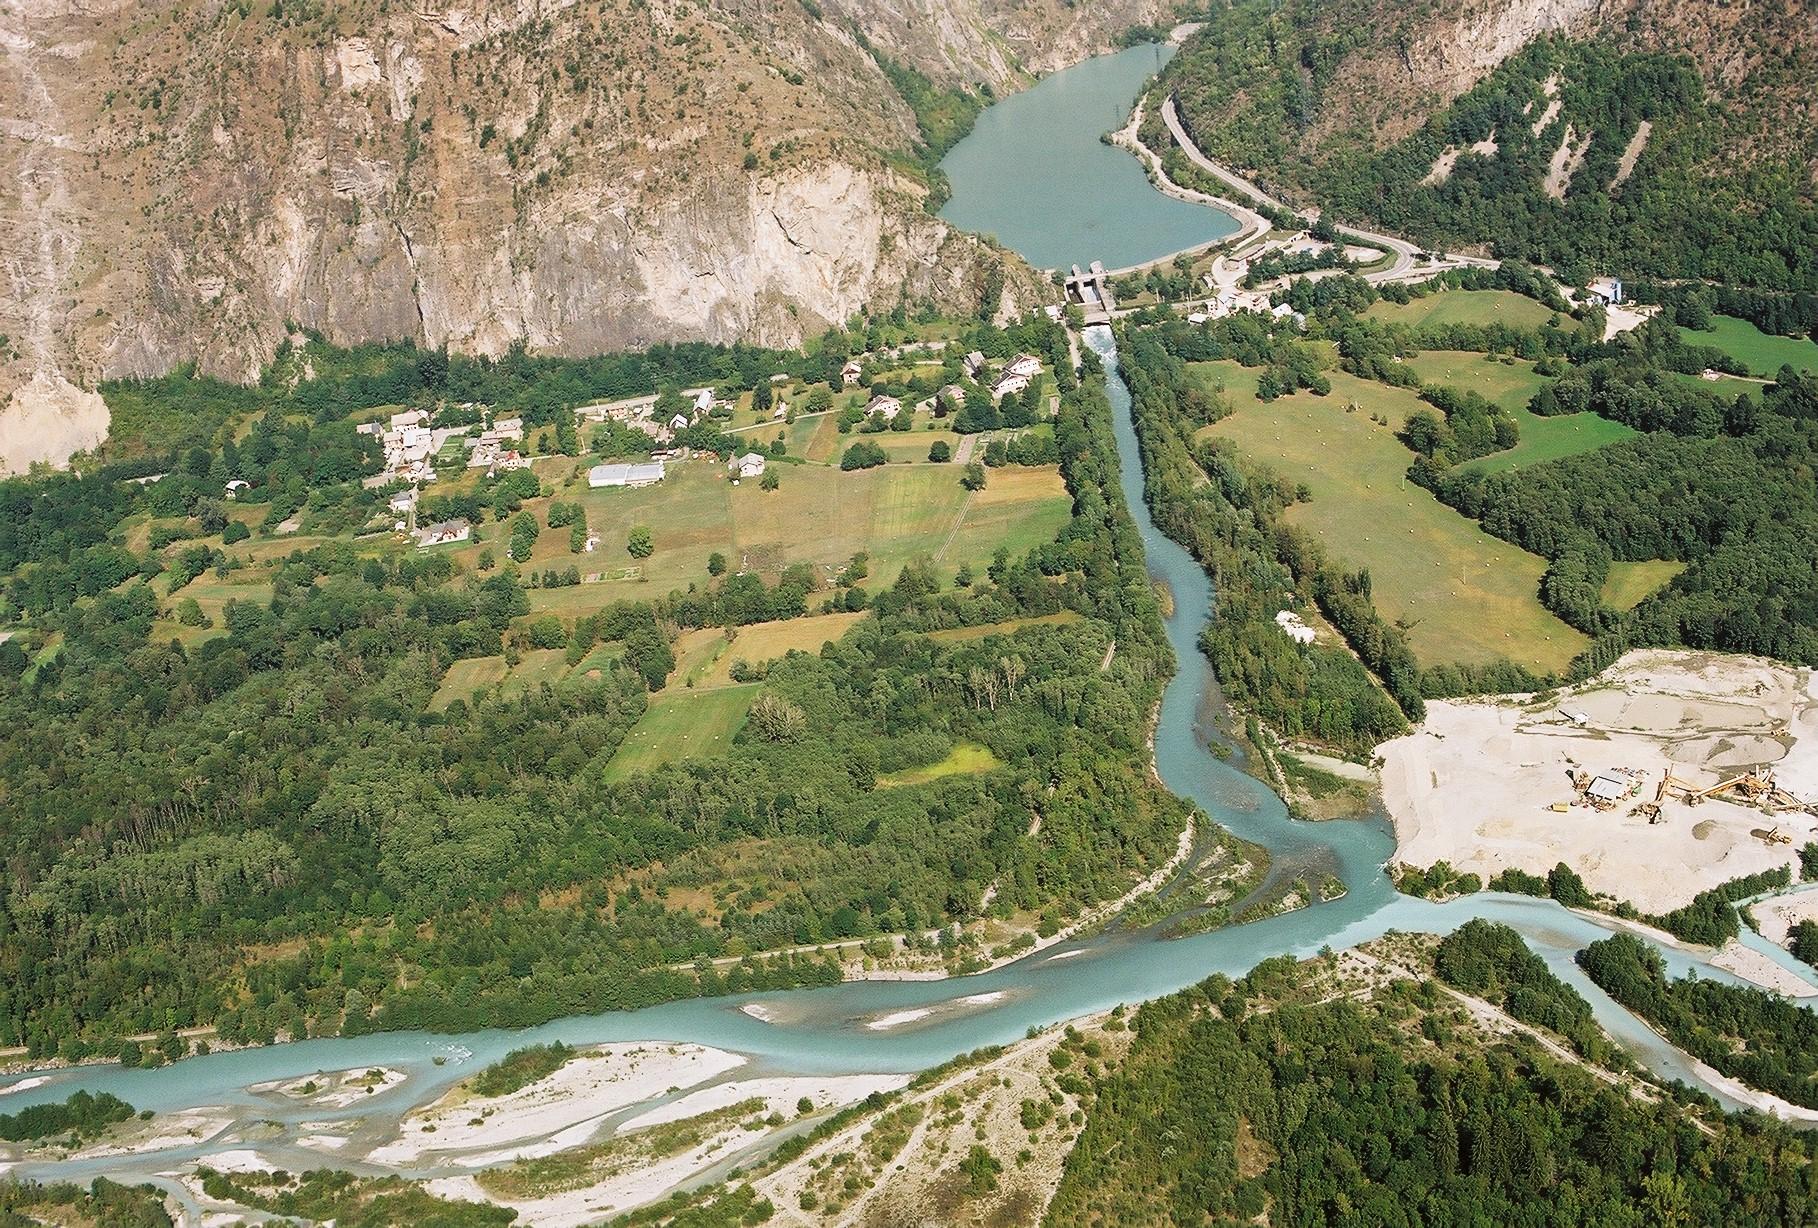 rivière en tresses et retenue de barrage